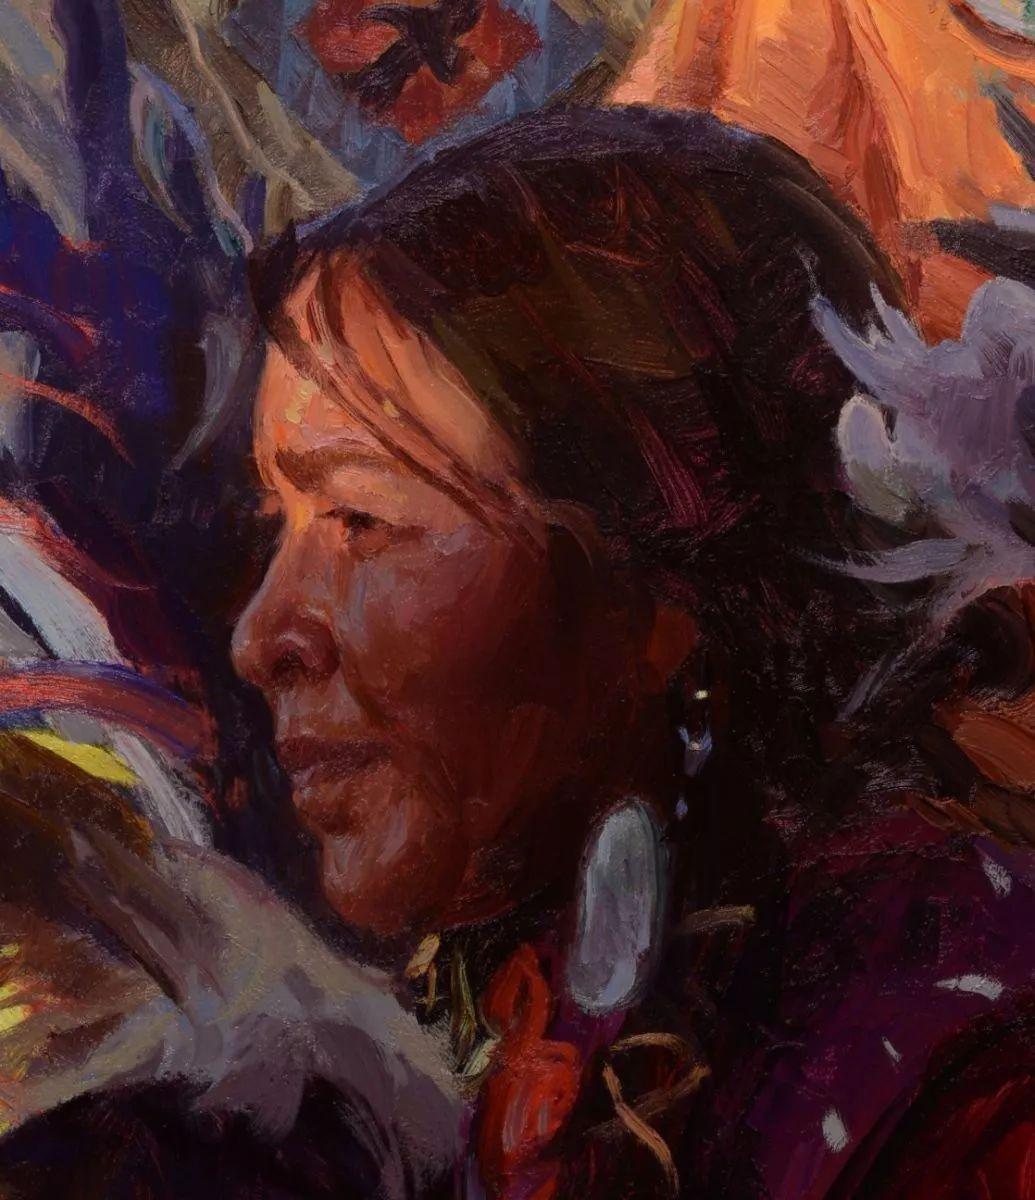 人物油画欣赏 美国画家Scott burdick插图15